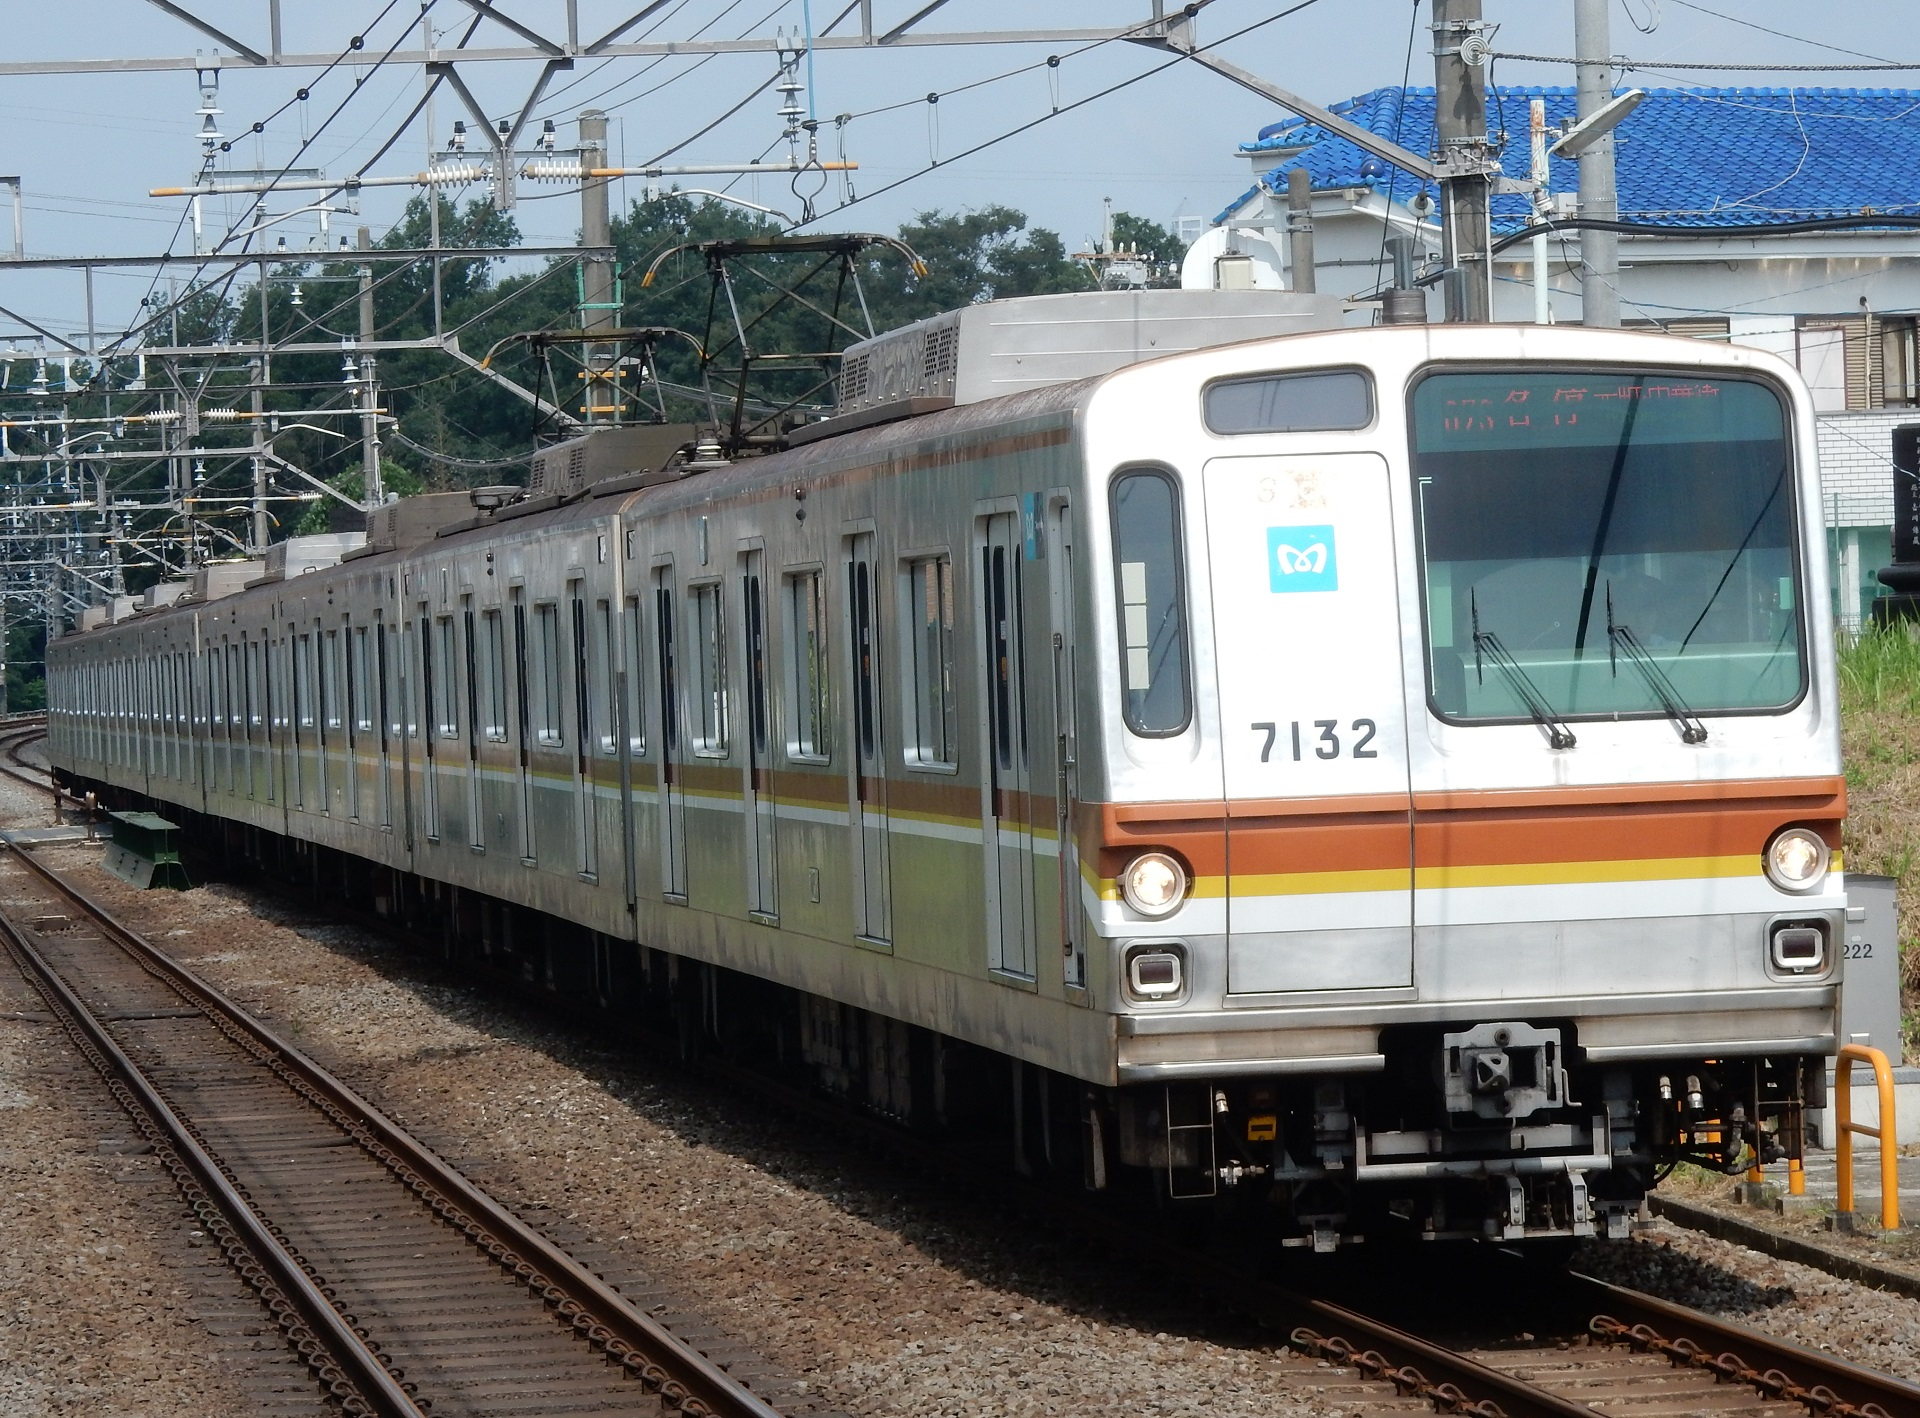 DSCN3209 - コピー